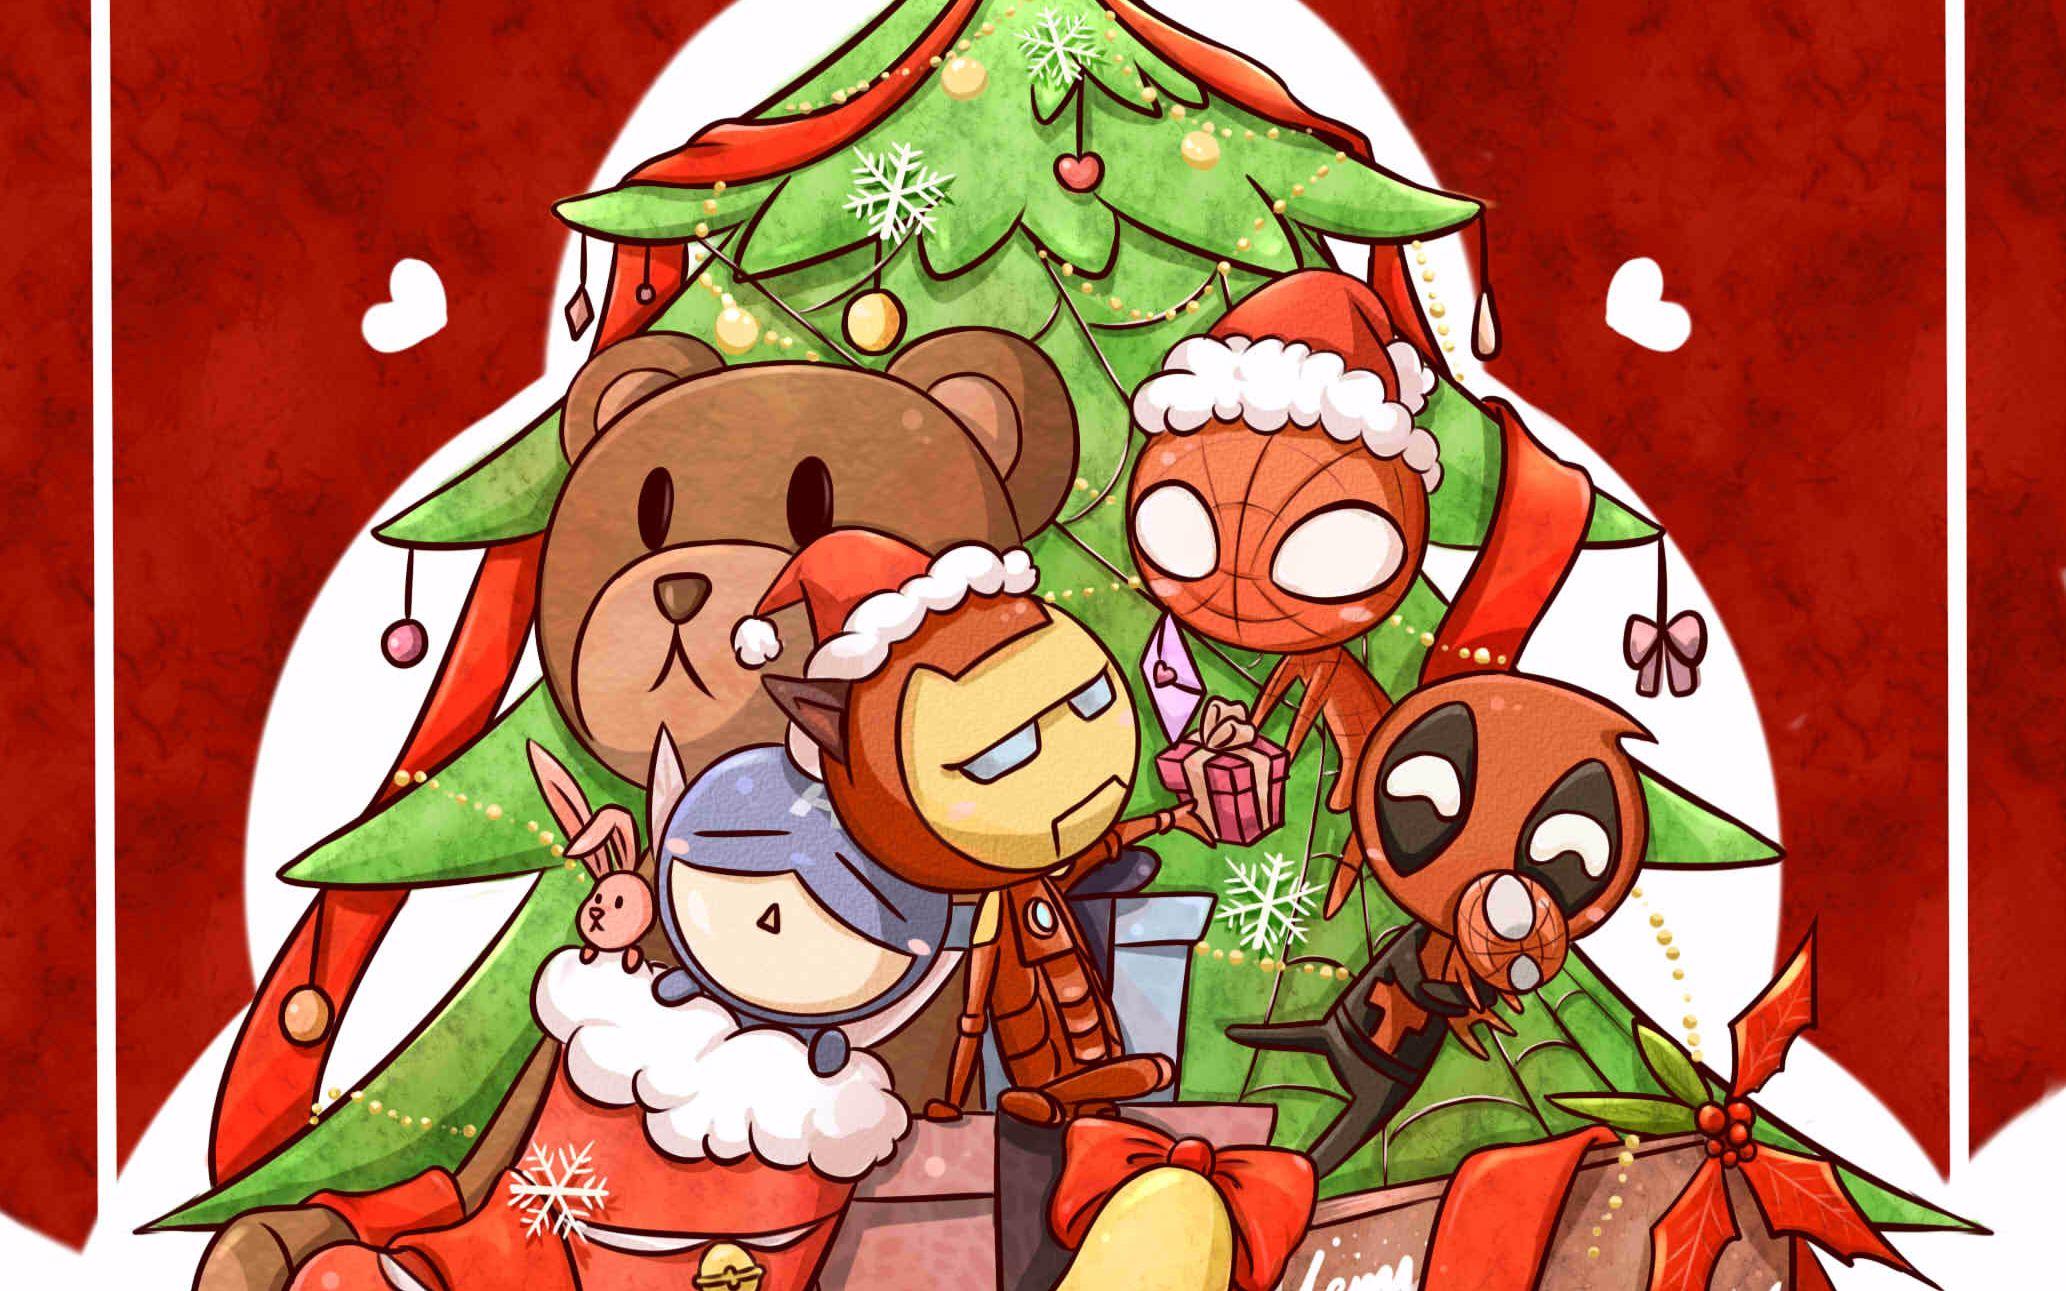 【盾·铁·贱·虫】完整版圣诞贺图流程【sai】